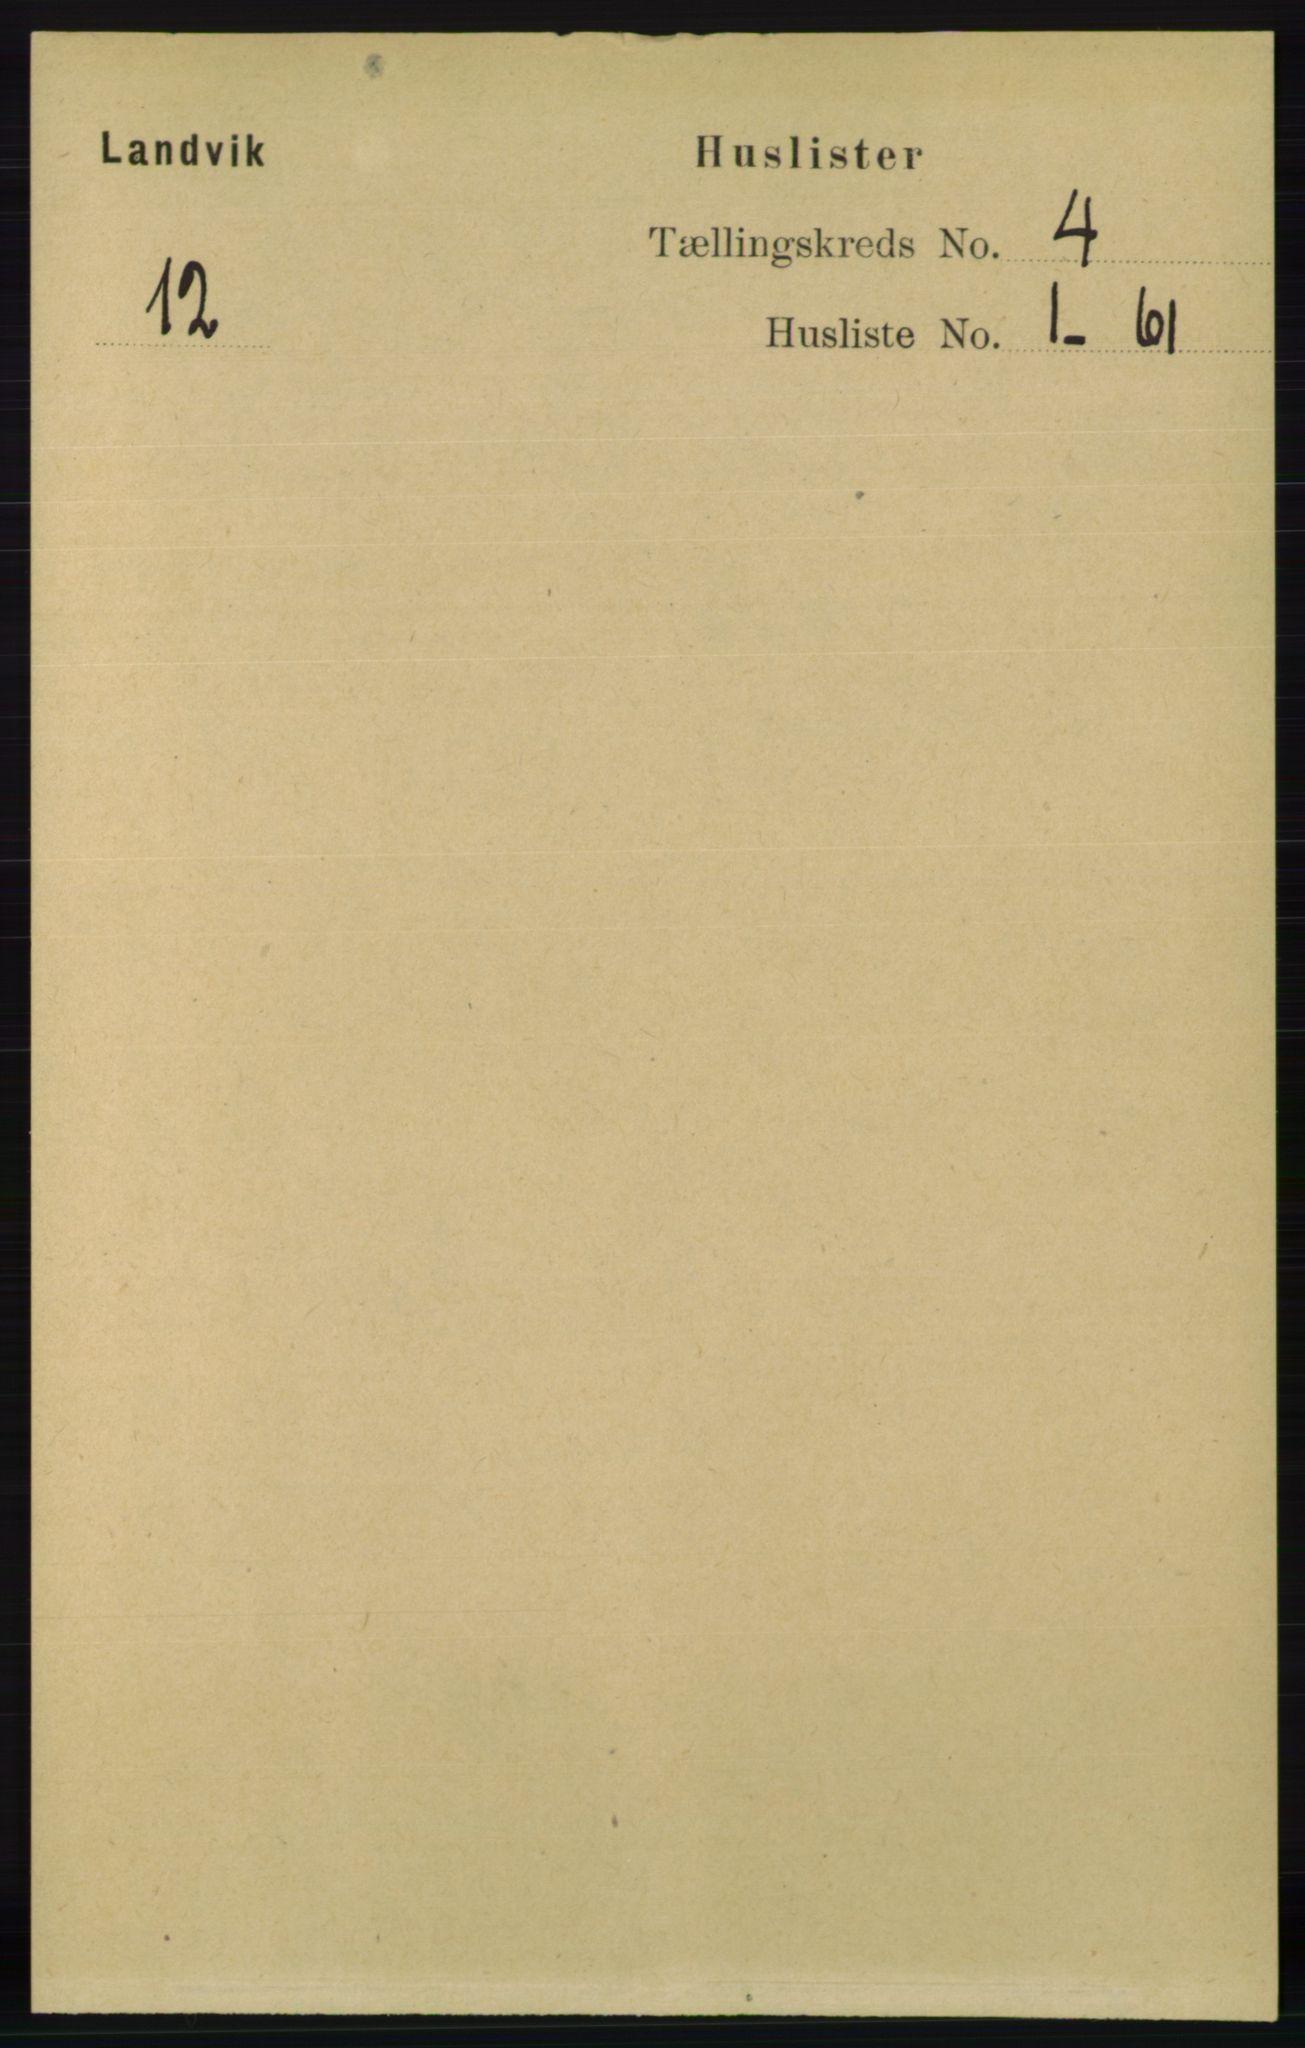 RA, Folketelling 1891 for 0924 Landvik herred, 1891, s. 1710